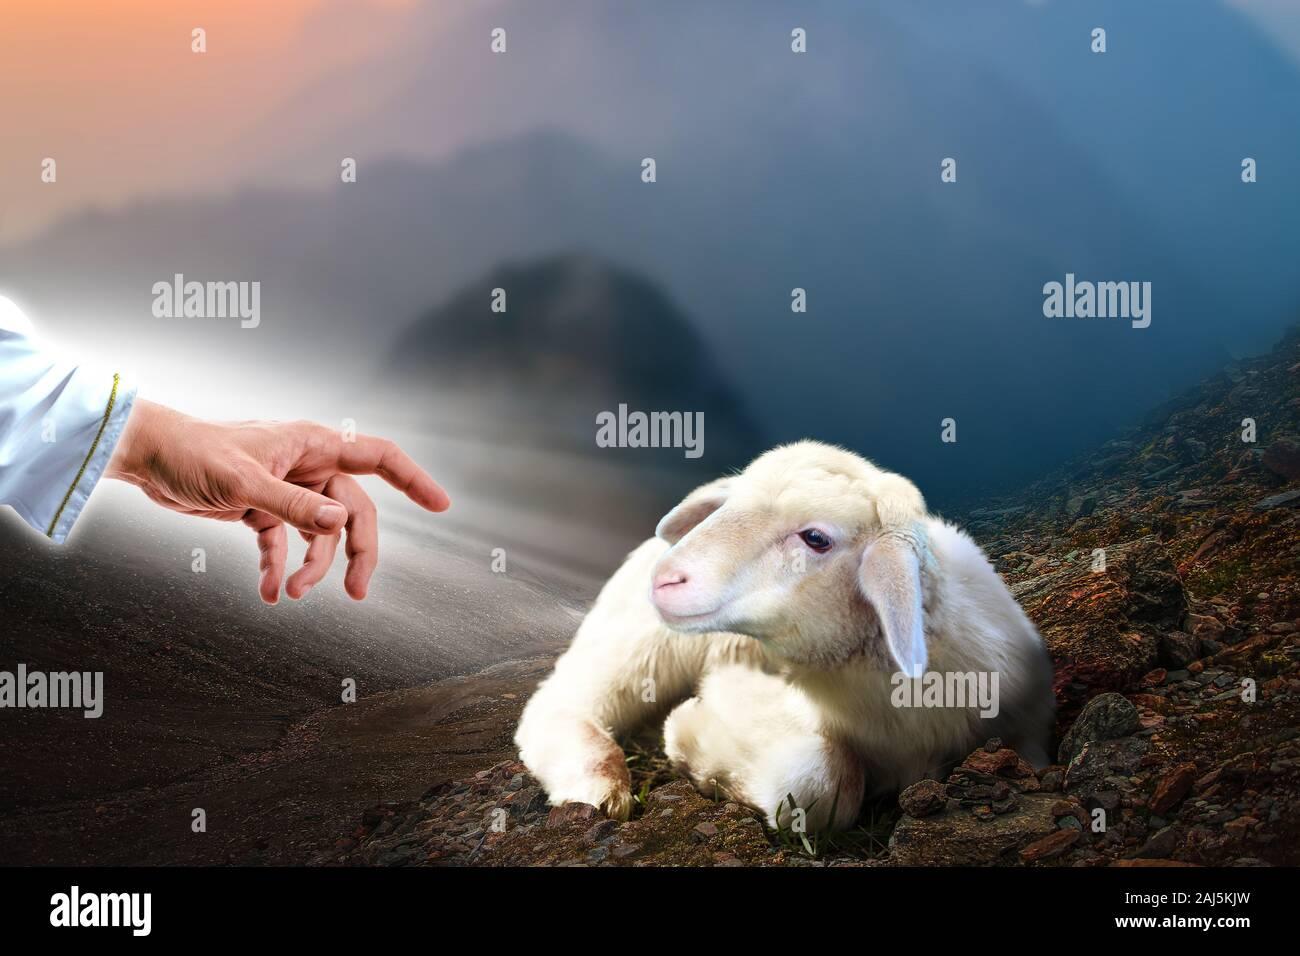 Jesus die Hand ausstrecken, um ein verlorenes Schaf. Biblische Thema Konzept. Stockfoto